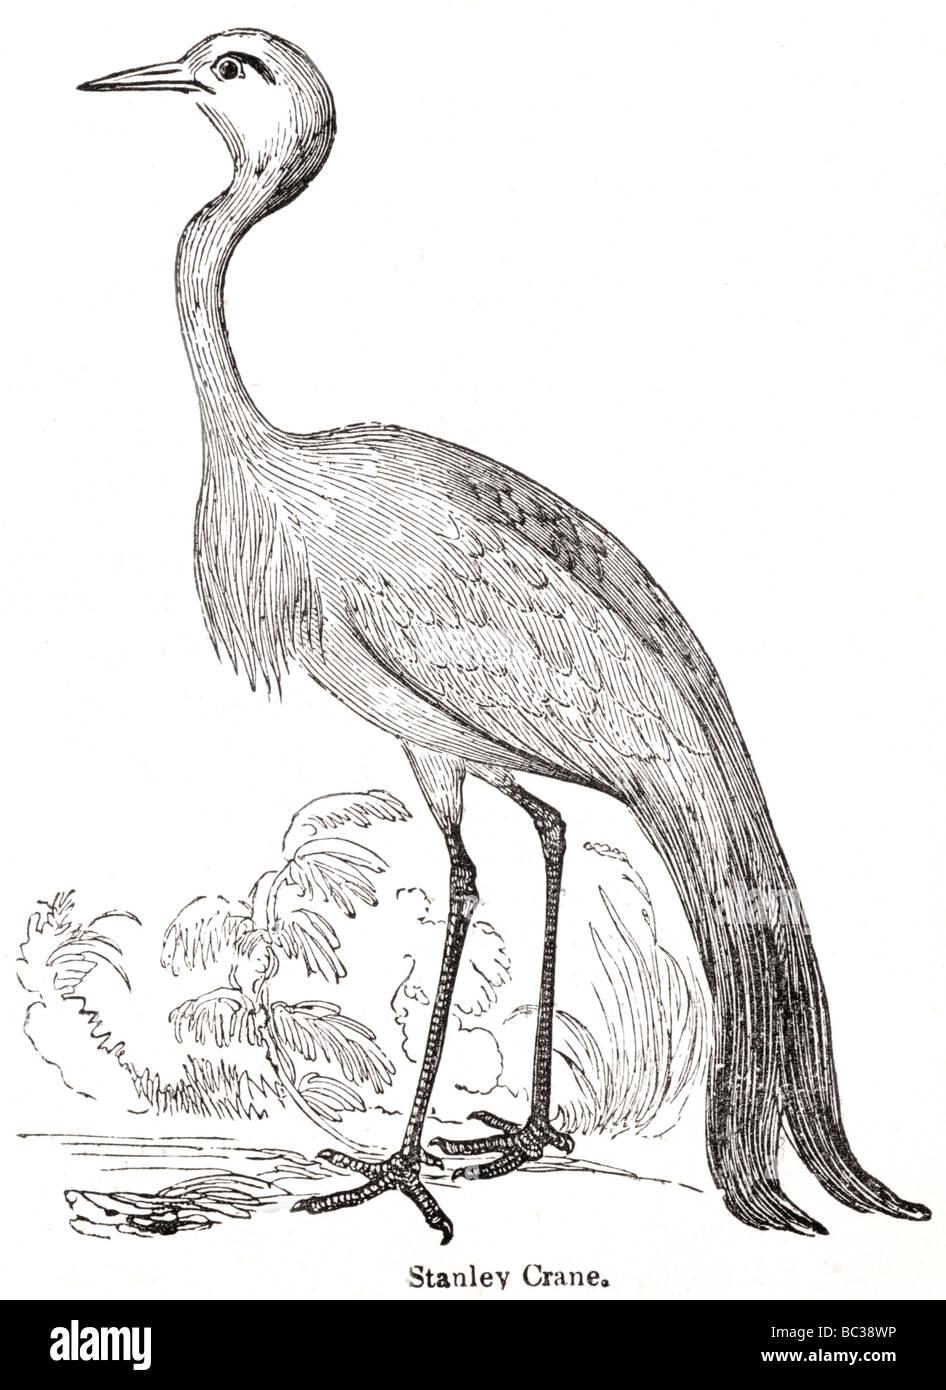 stanley crane - Stock Image